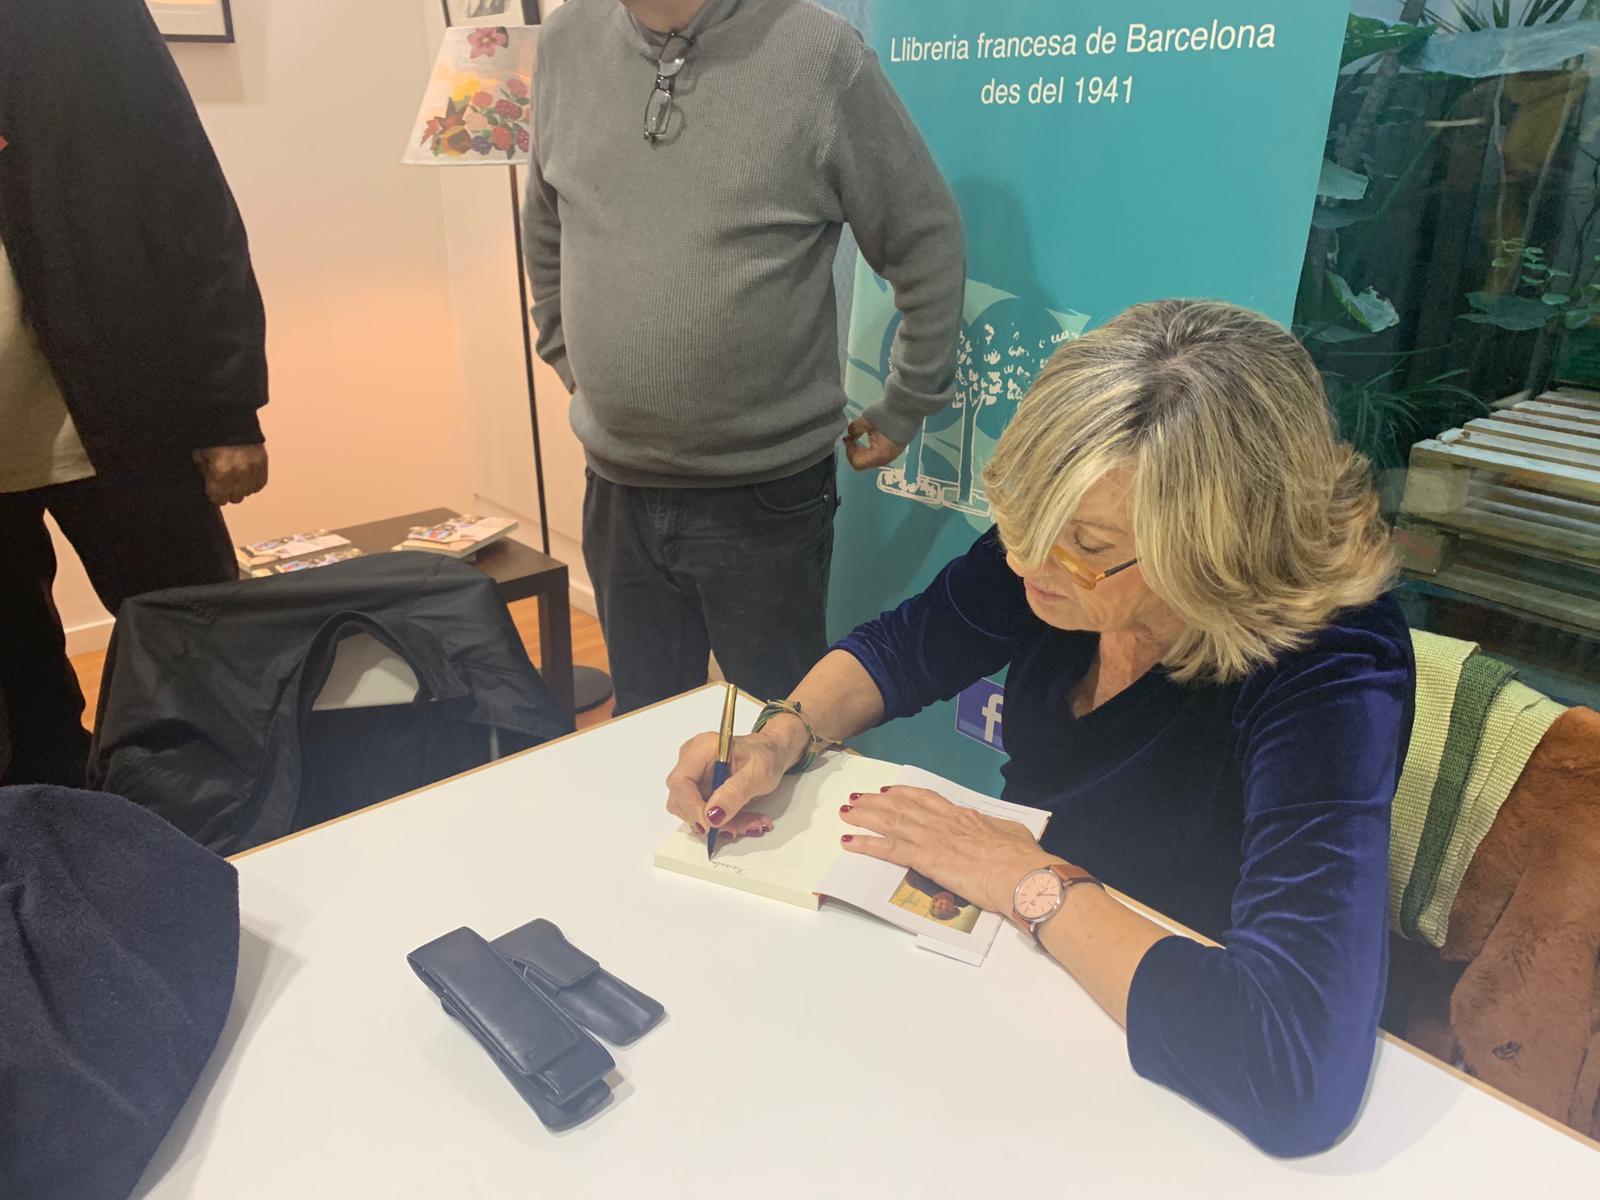 - En març de 2019 Maia Viladot va presentar el seu nou llibre Laberint a Soterrani i altres comptes, un recull de records de la seva infantesa que fan un retrat de la societat i els valors de la Barcelona dels anys 60 i 70.